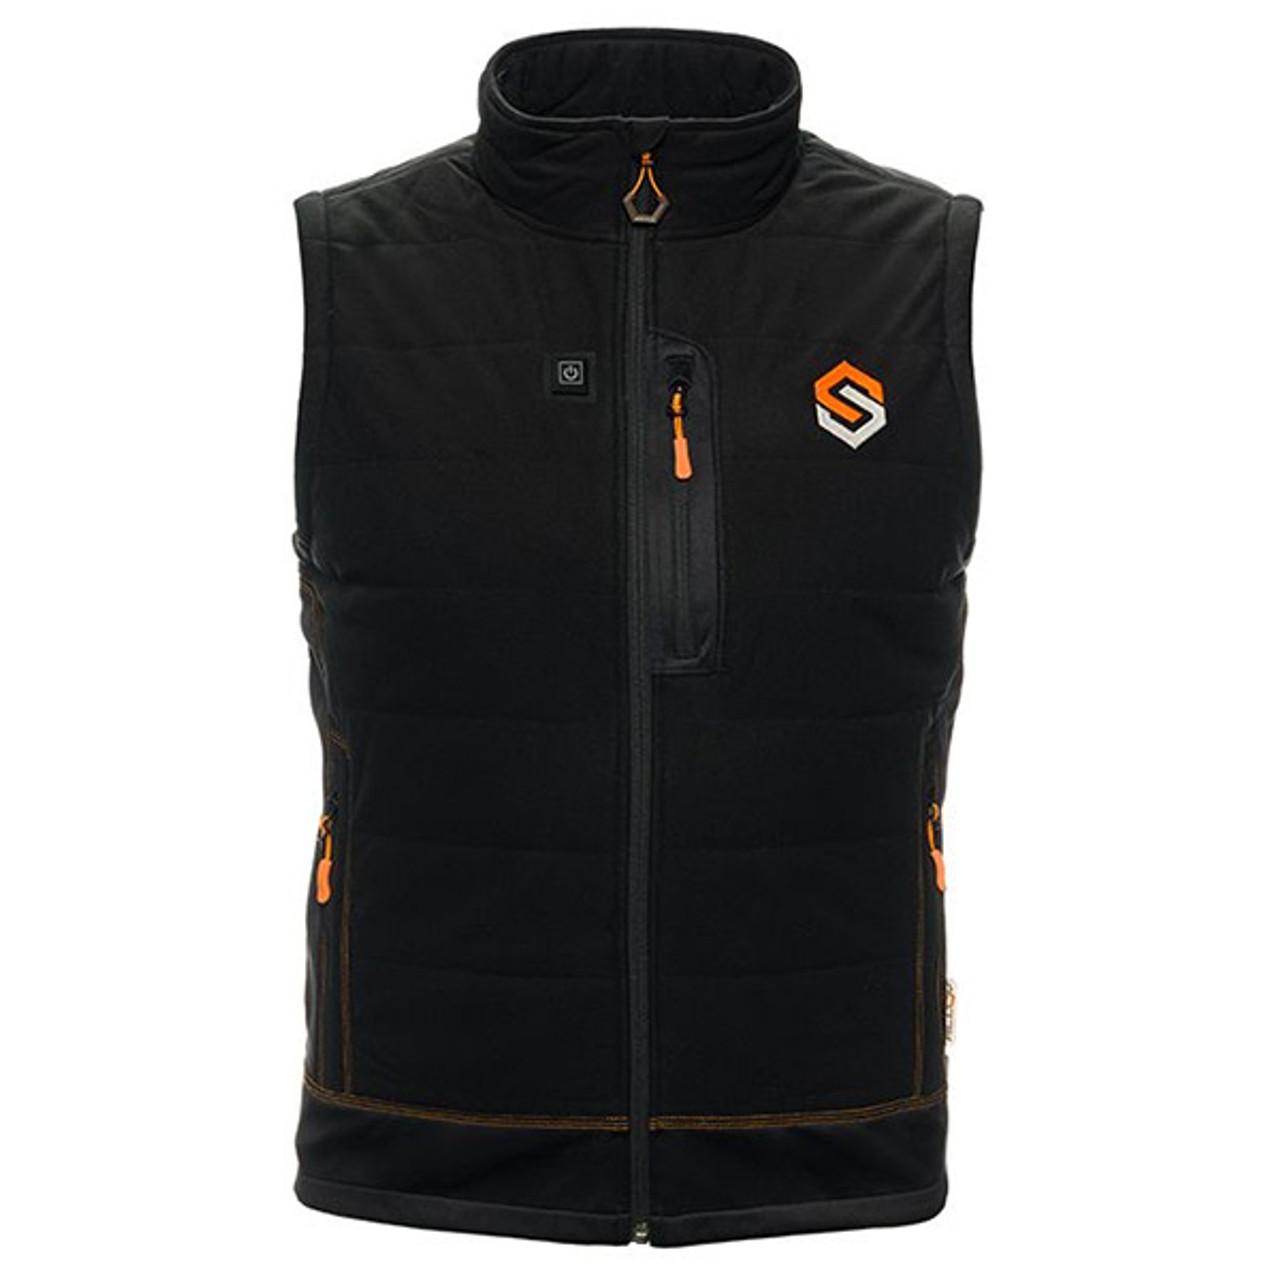 BE:1 Reactor Vest Plus Black